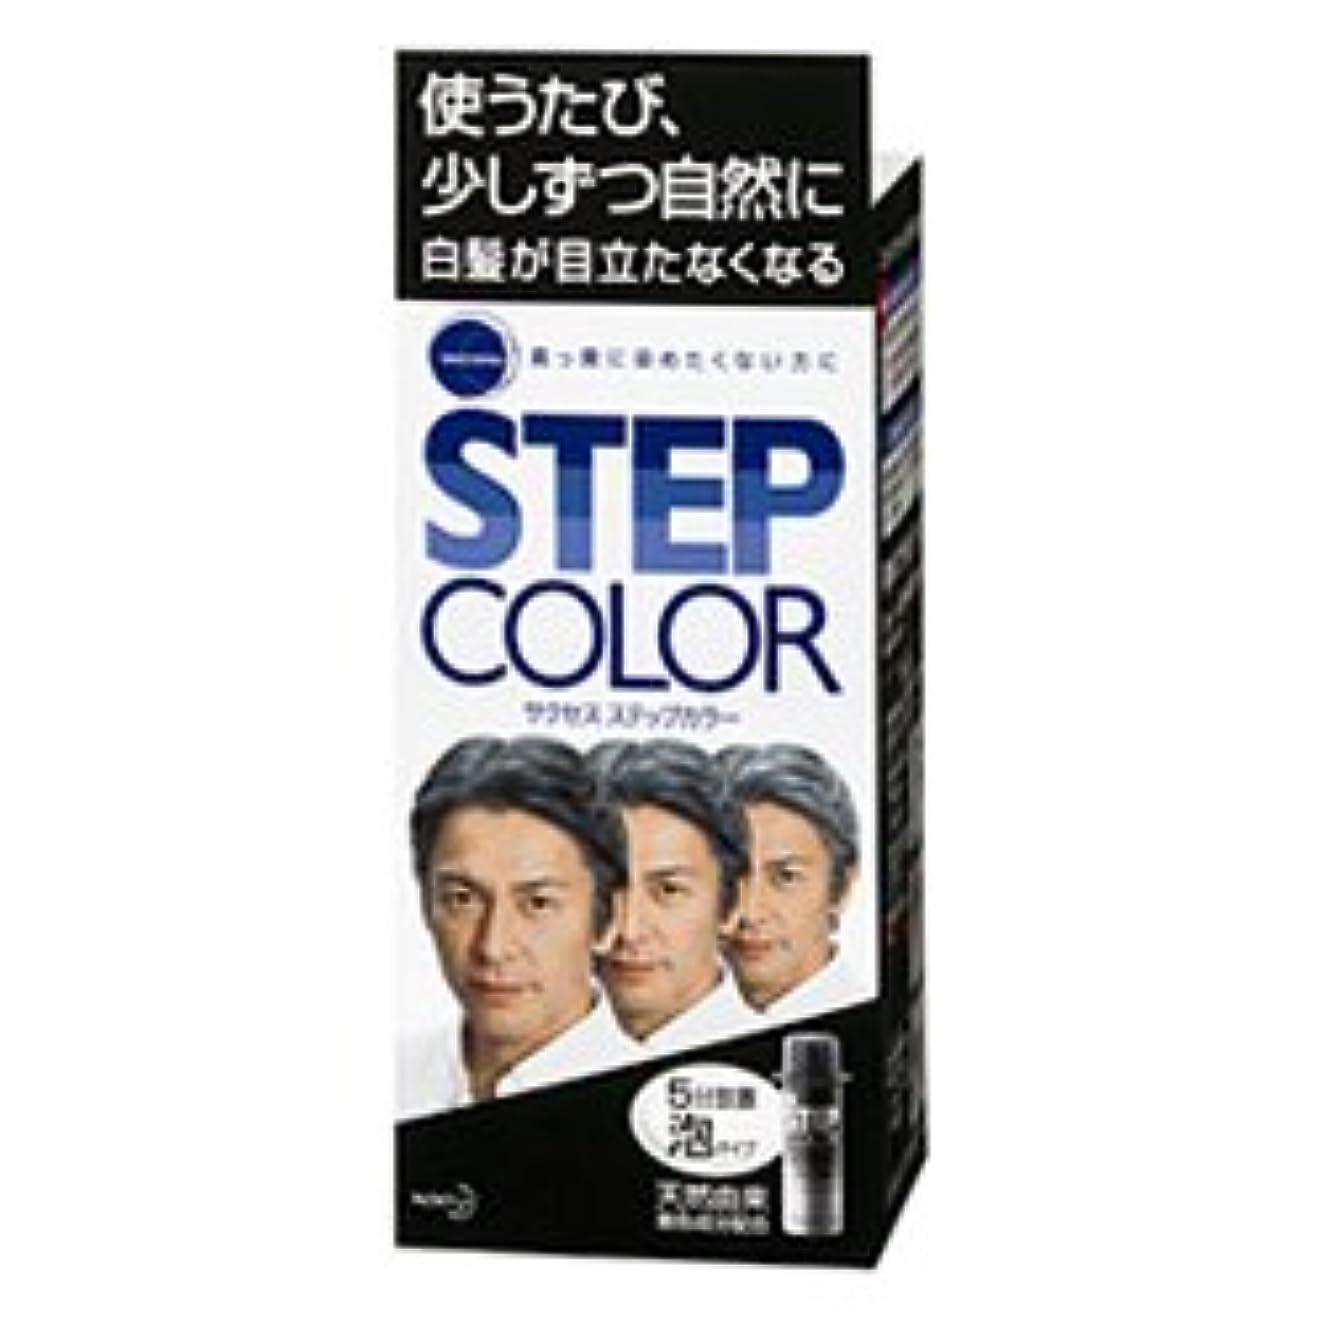 色性的はぁ【花王】サクセスステップカラー 110g ×5個セット